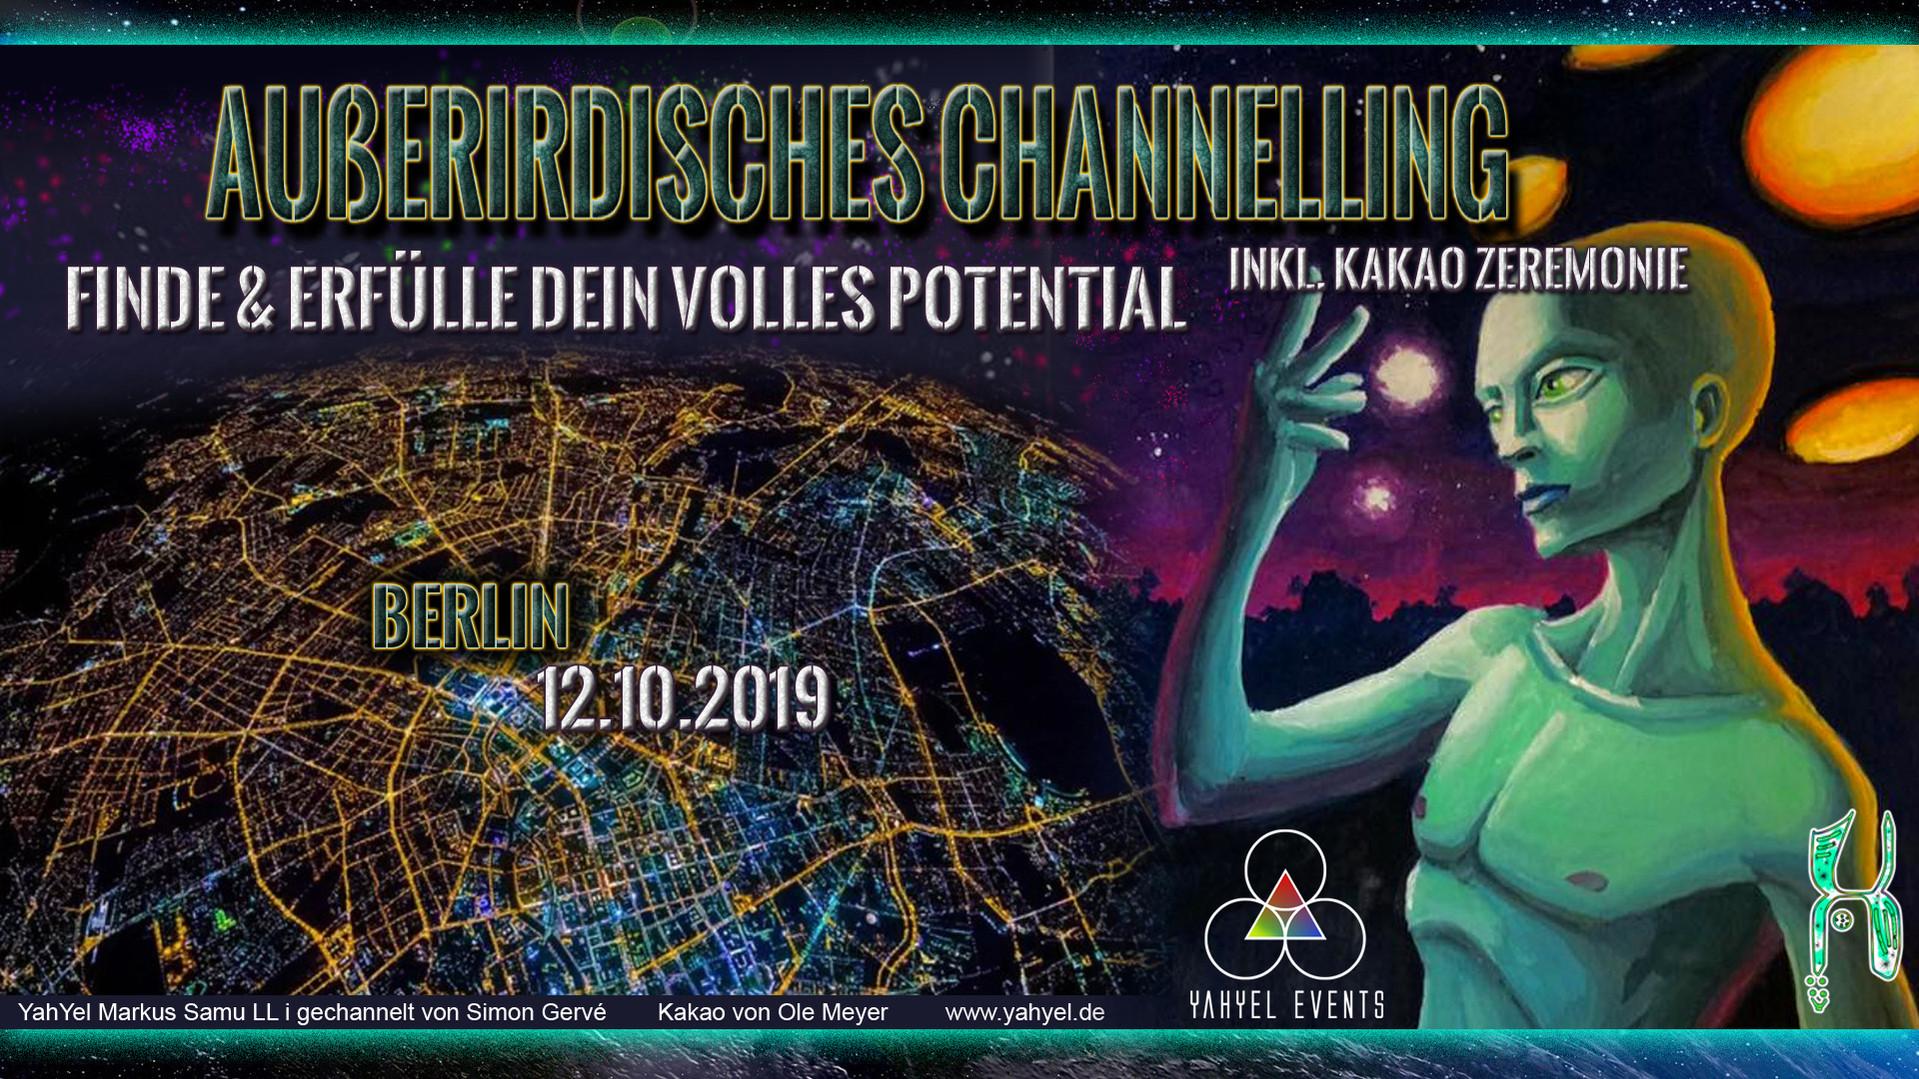 berlin 2019 oktober Kopie yahyelde.jpg